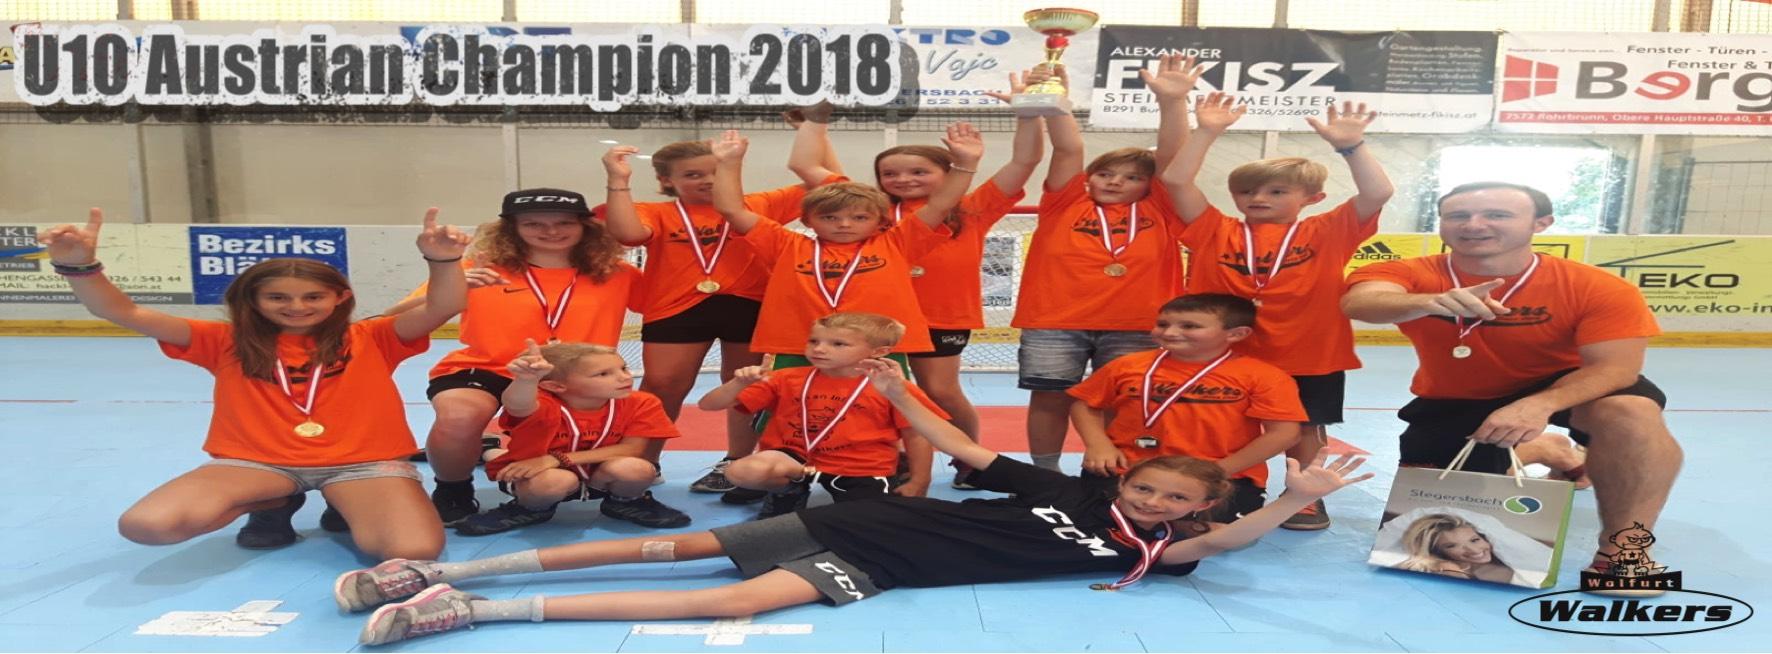 U10 Austrian -champion 2018